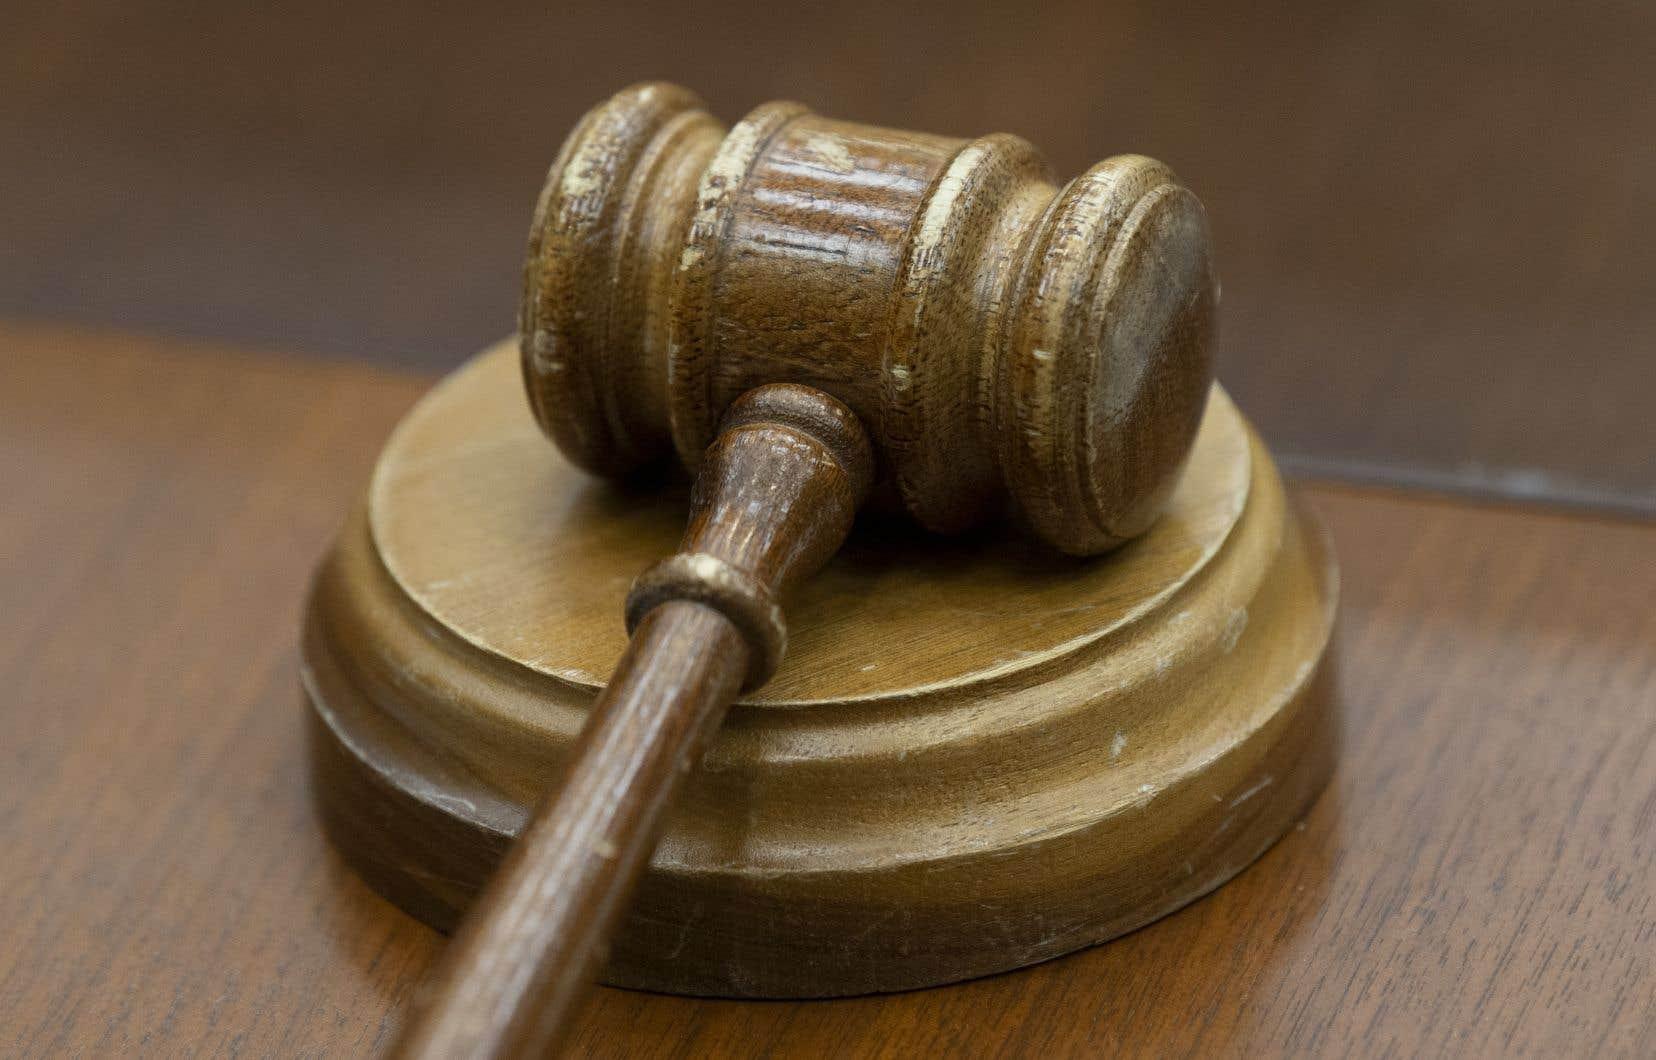 Le Code criminel prévoit qu'un procureur provincial doive promptement obtenir la bénédiction du procureur général du Canada avant de porter des accusations contre un étranger pour des infractions commises à bord d'un aéronef.